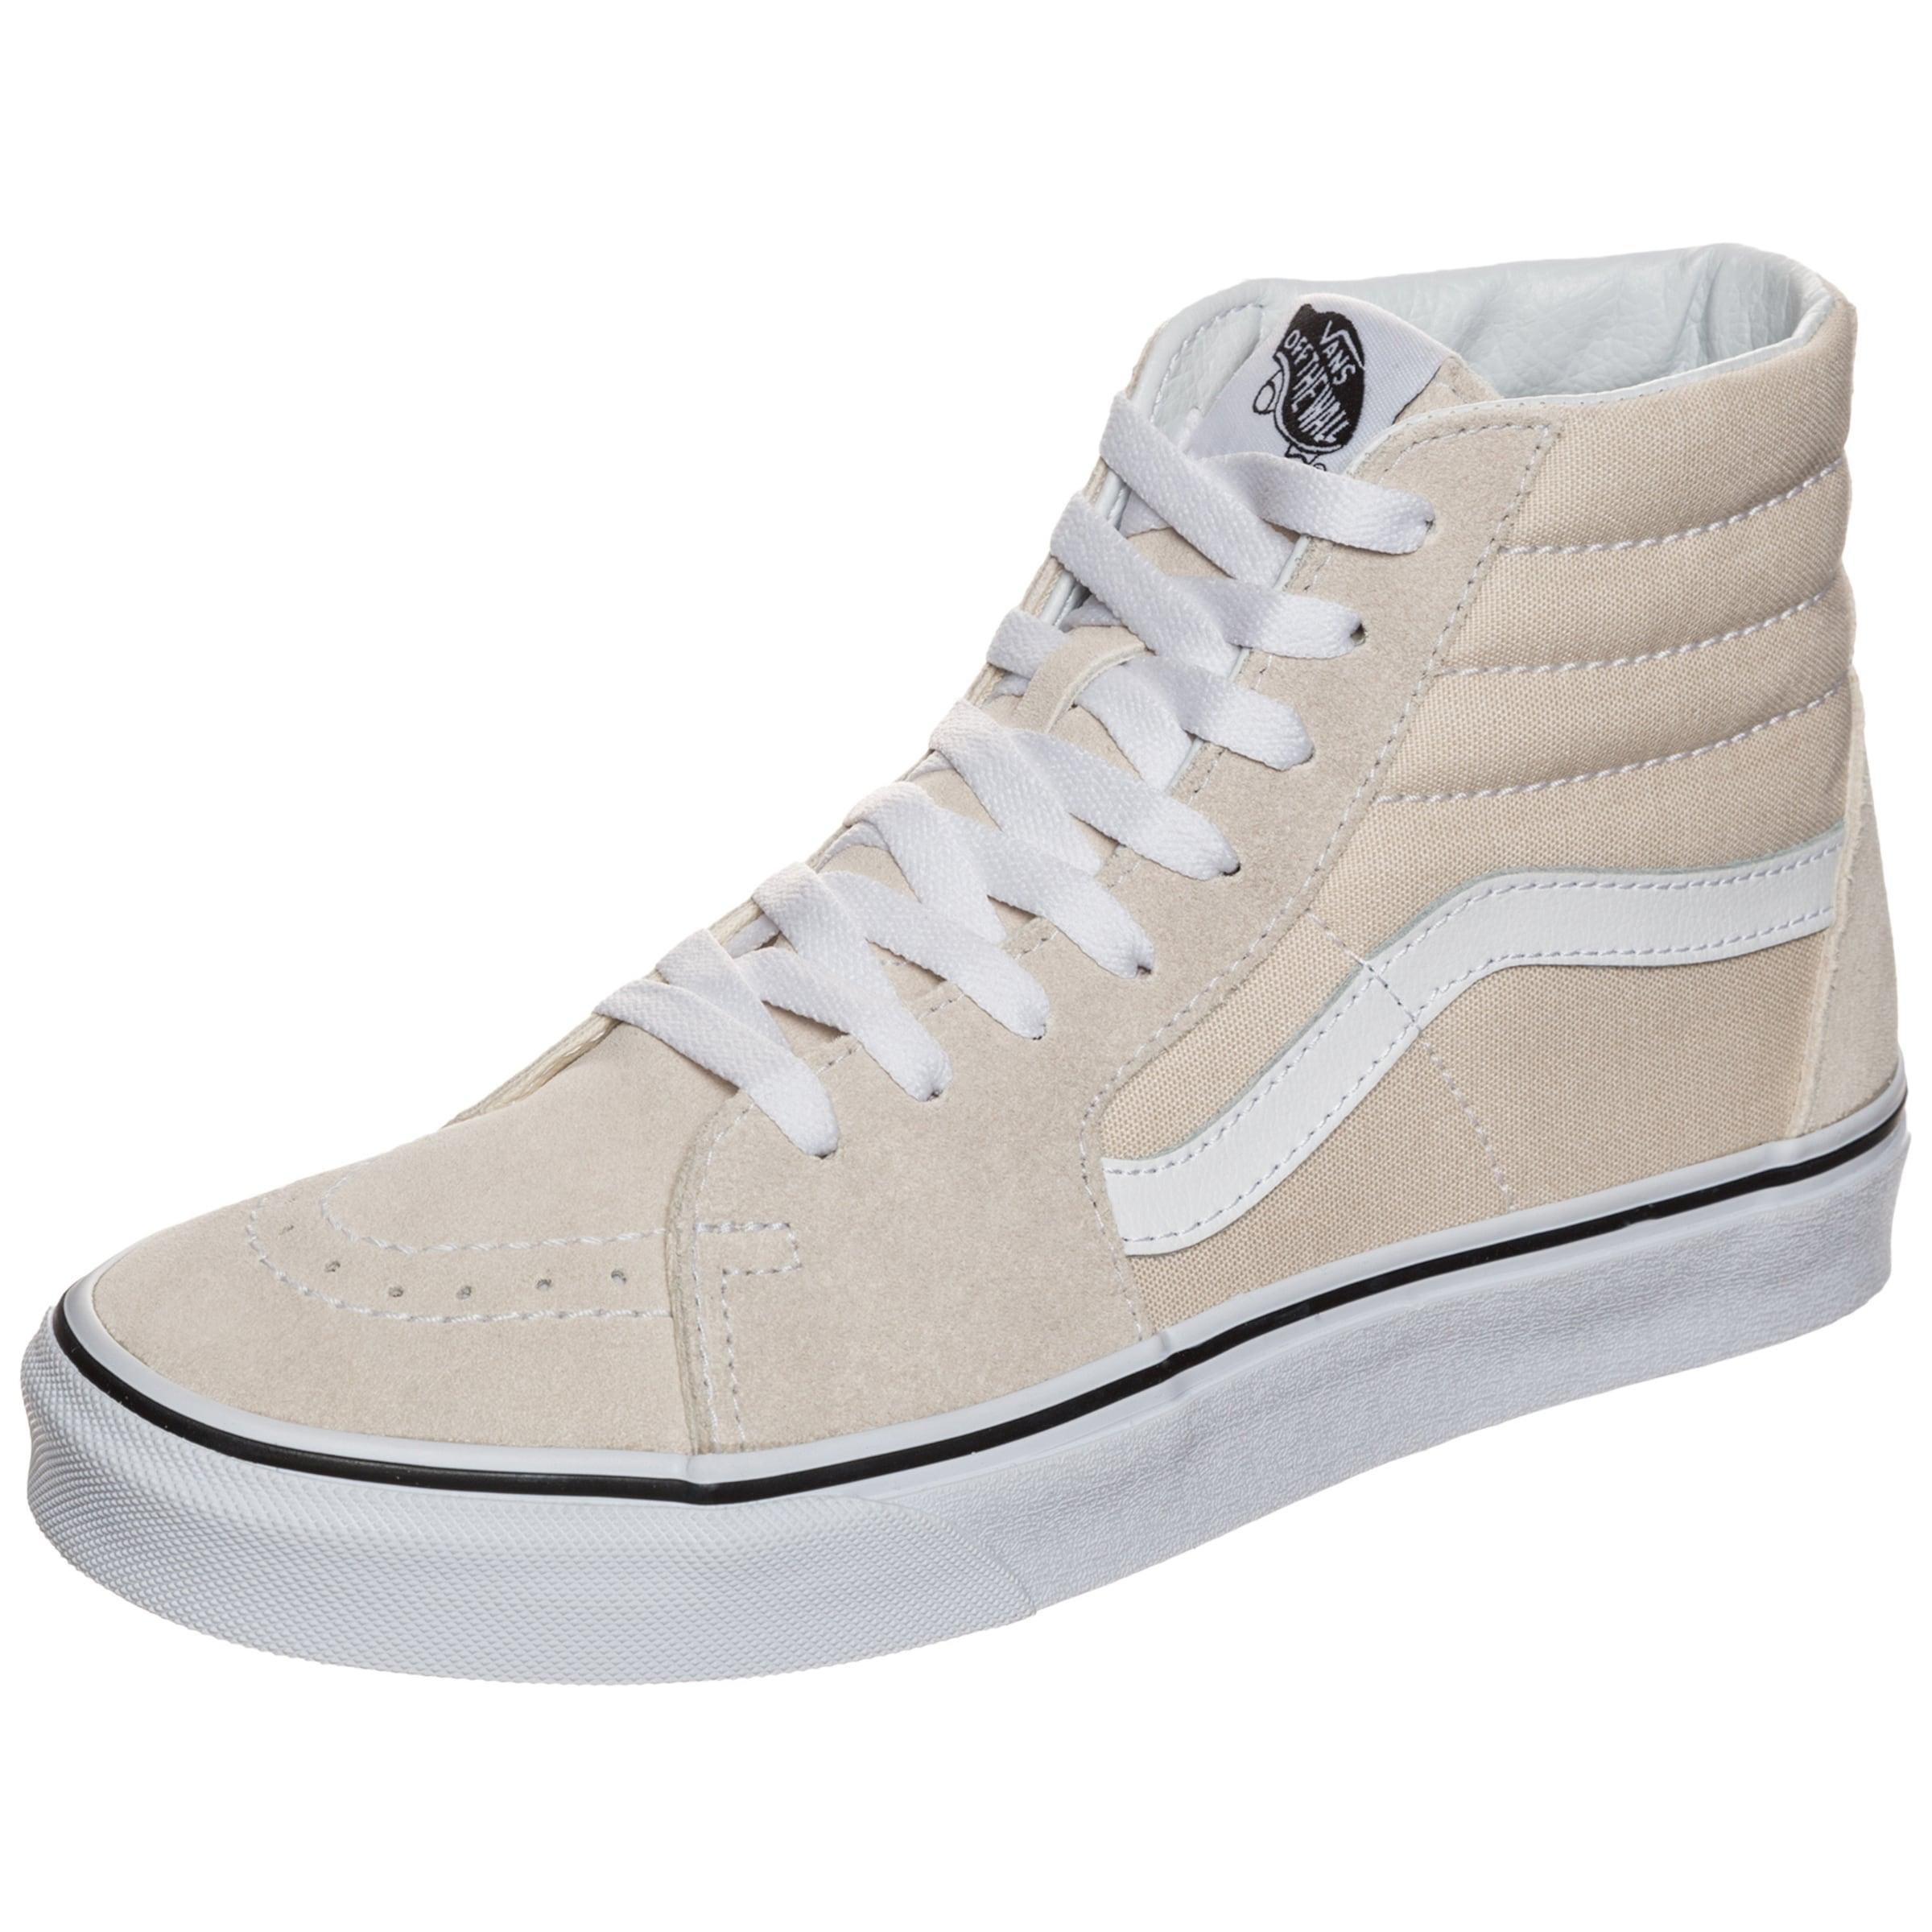 VANS Sk8-Hi Slim Sneaker Verschleißfeste billige Schuhe